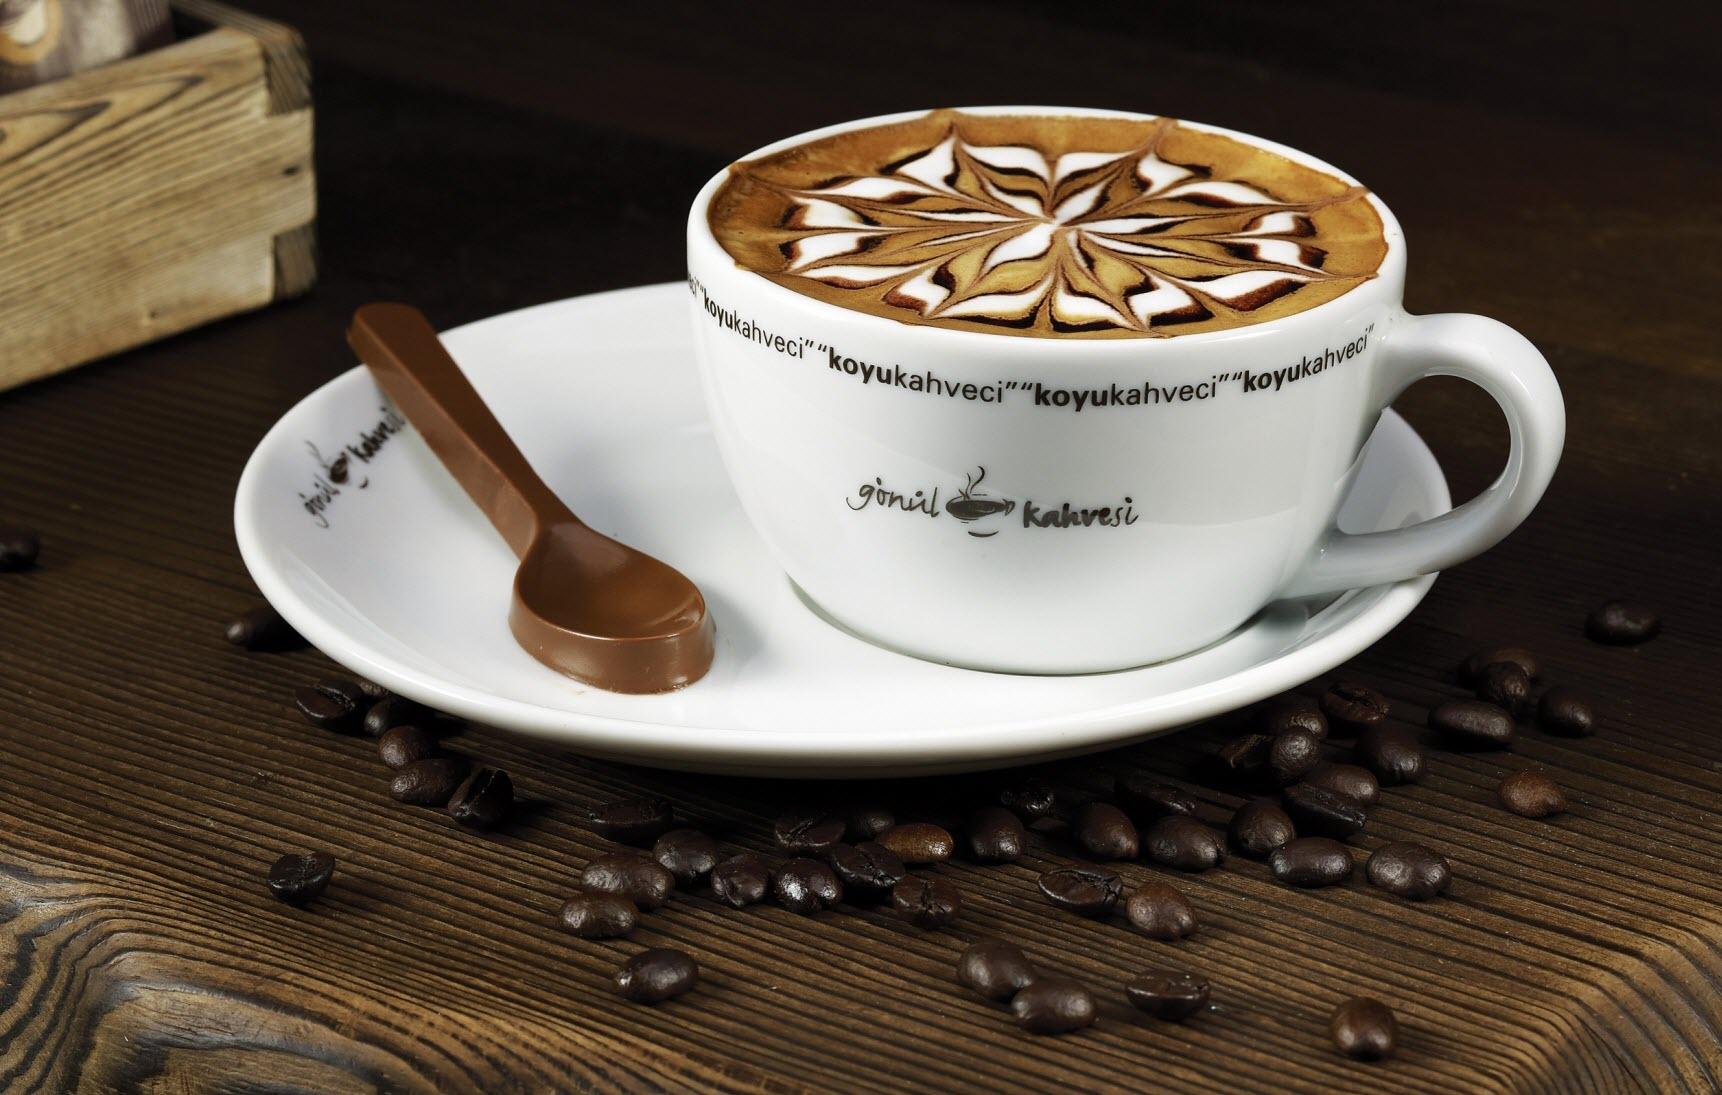 Gönül Kahvesi